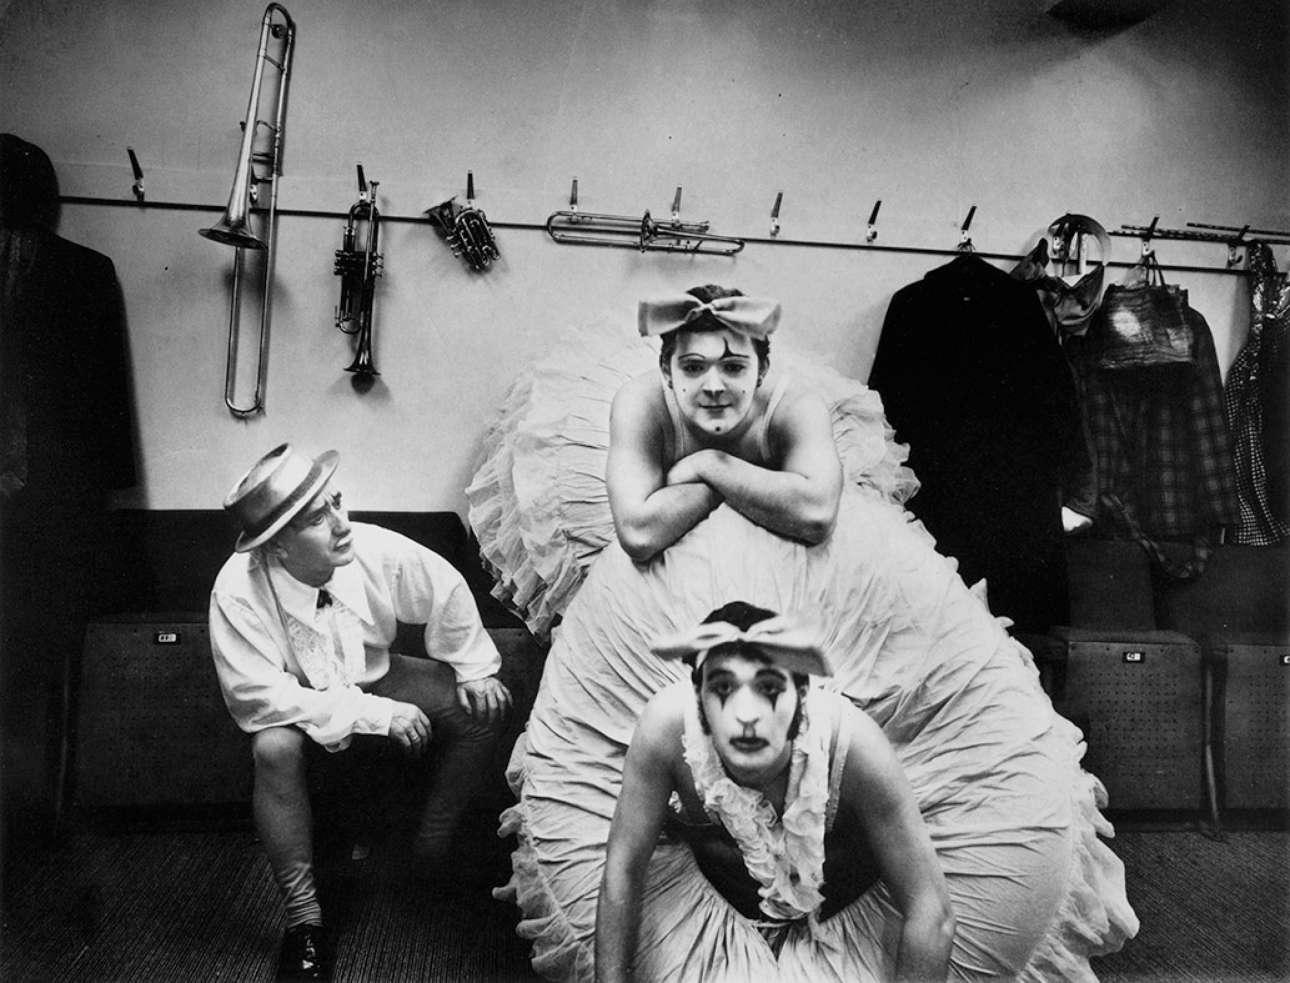 Μία ομάδα περφόρμερ του τσίρκου Billy Smart στην περιοχή Κρόιντον του Λονδίνου ποζάρει στον φακό του Πίτερ Λέιβερι, το 1971